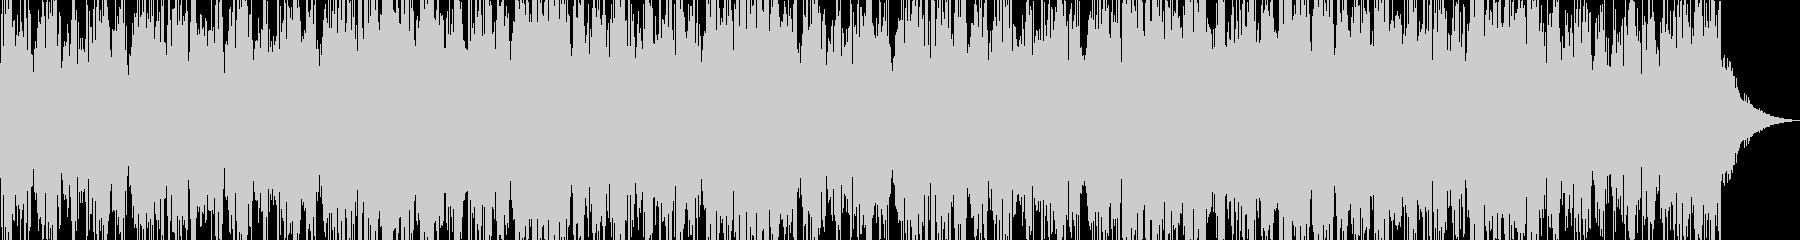 太鼓系短BGMの未再生の波形